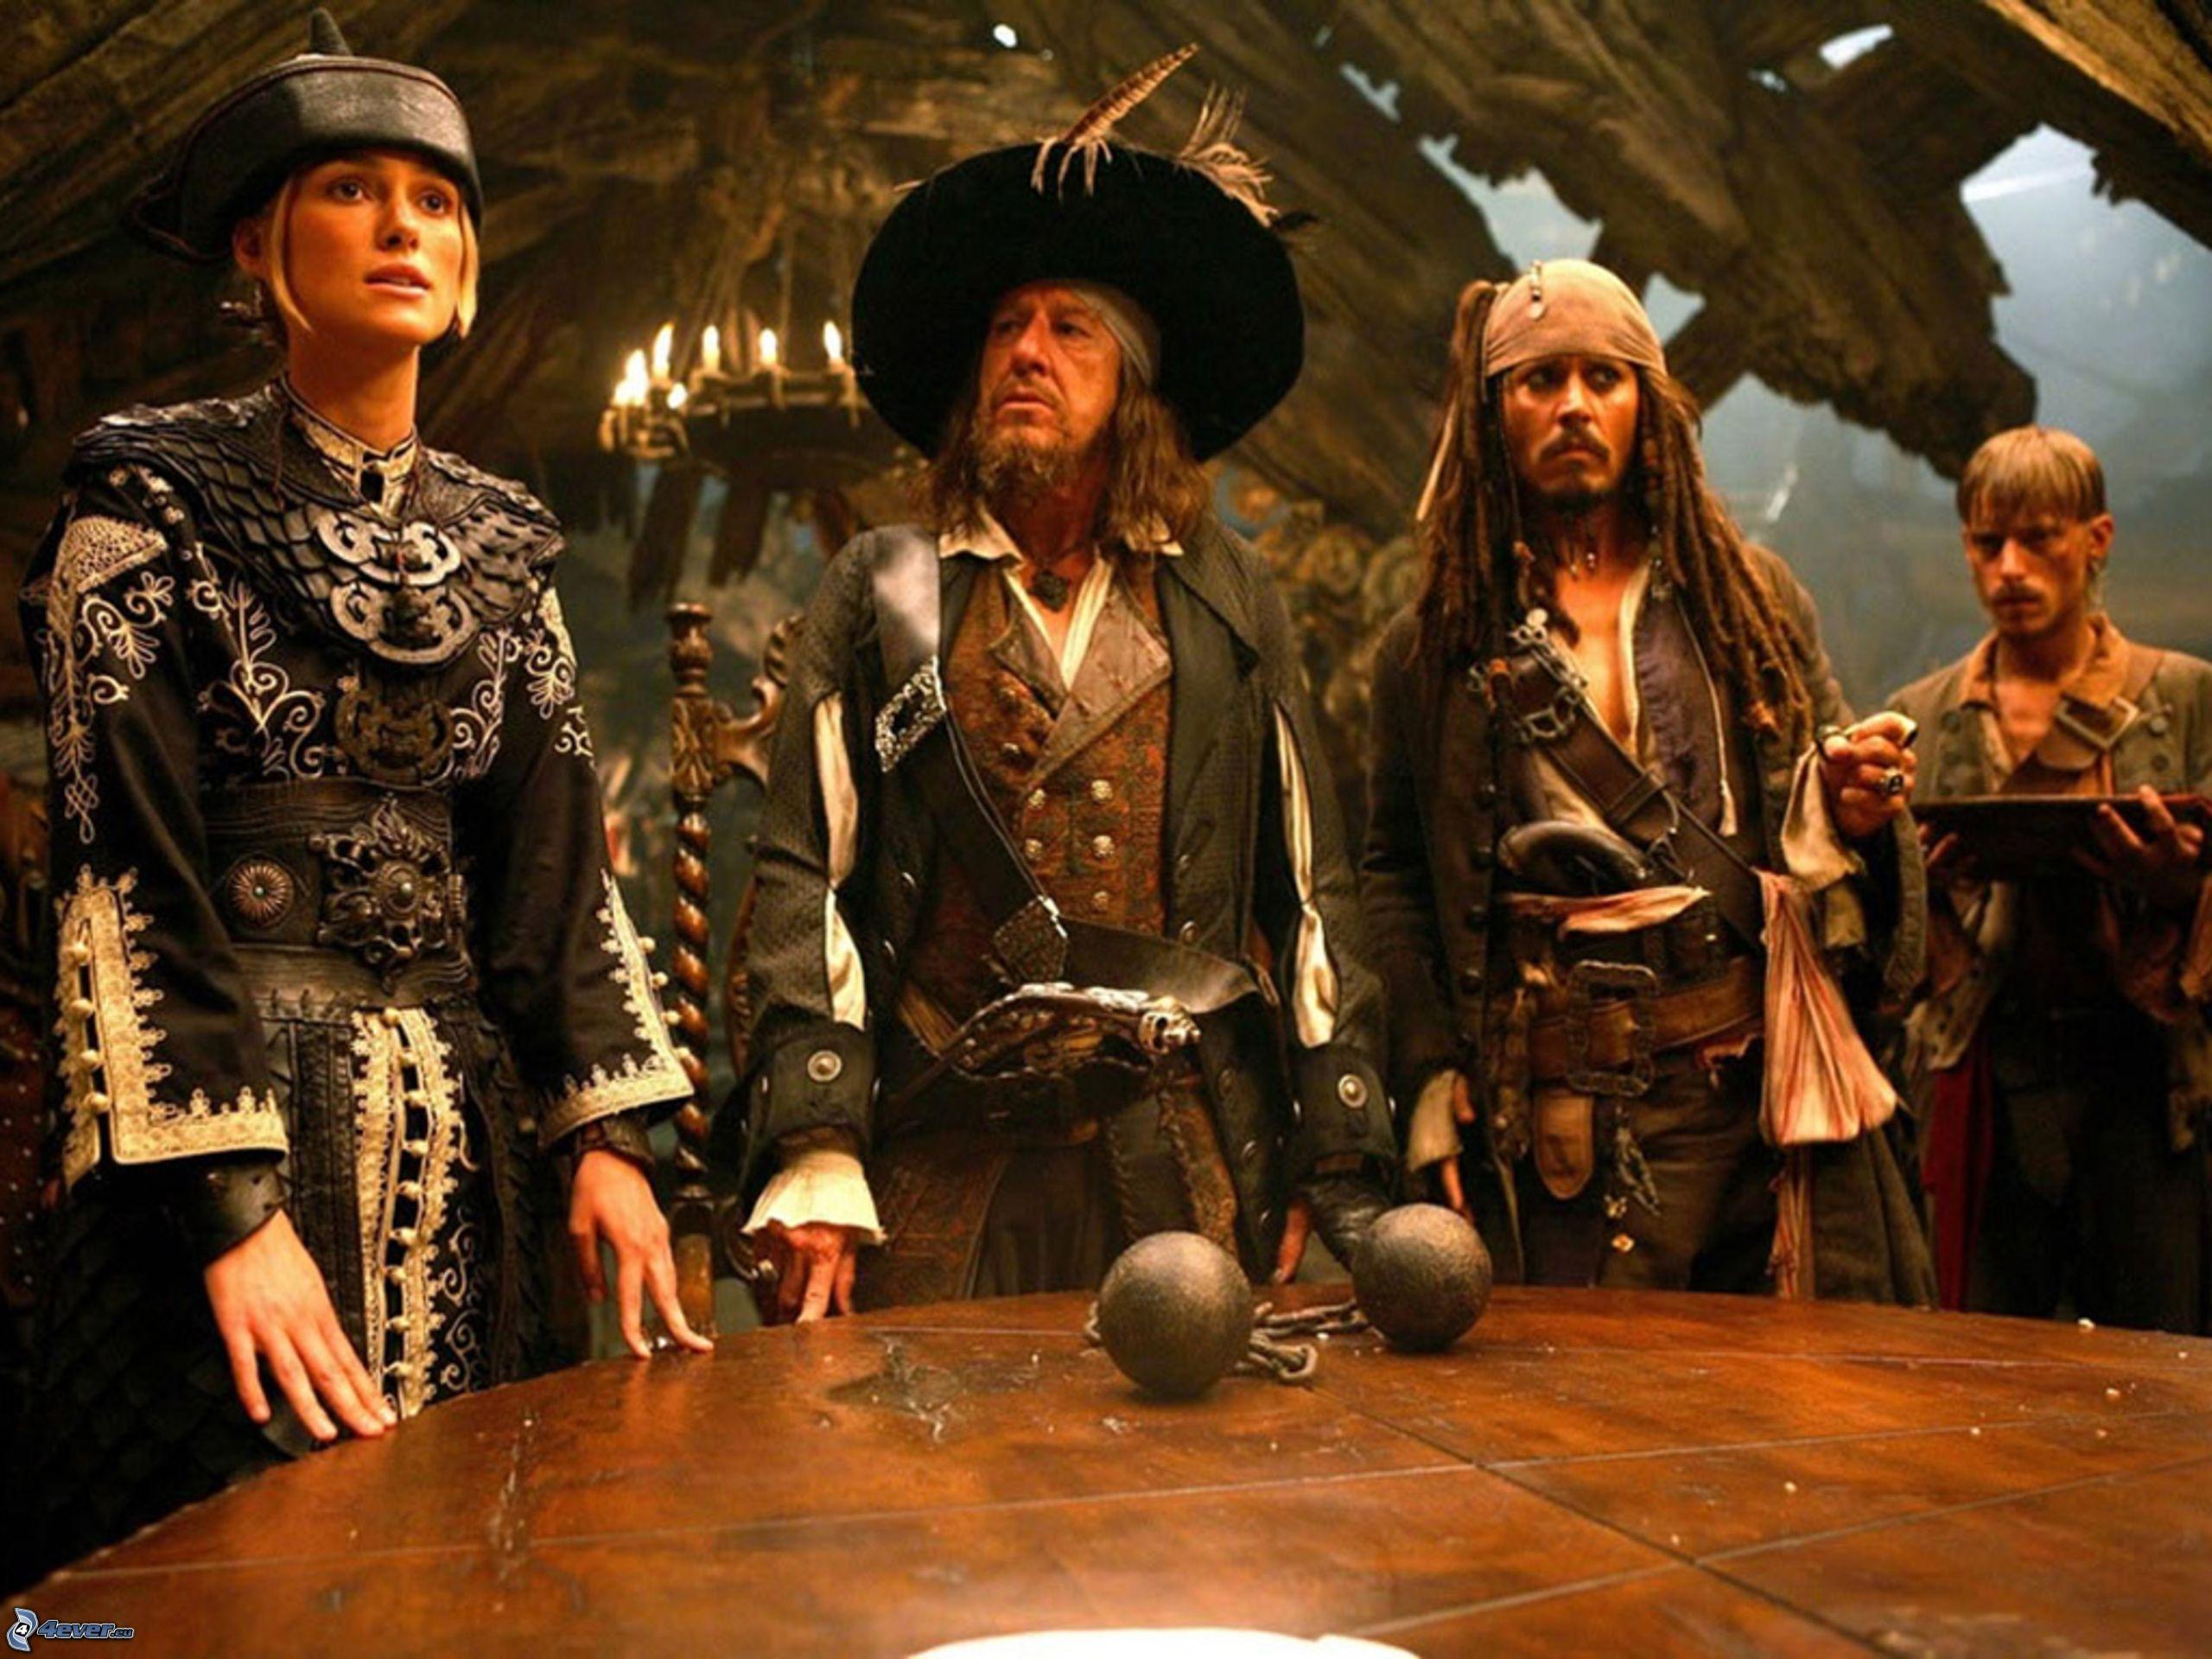 Фильм Пираты Карибского моря: Мертвецы не рассказывают сказки 3д смотреть онлайн